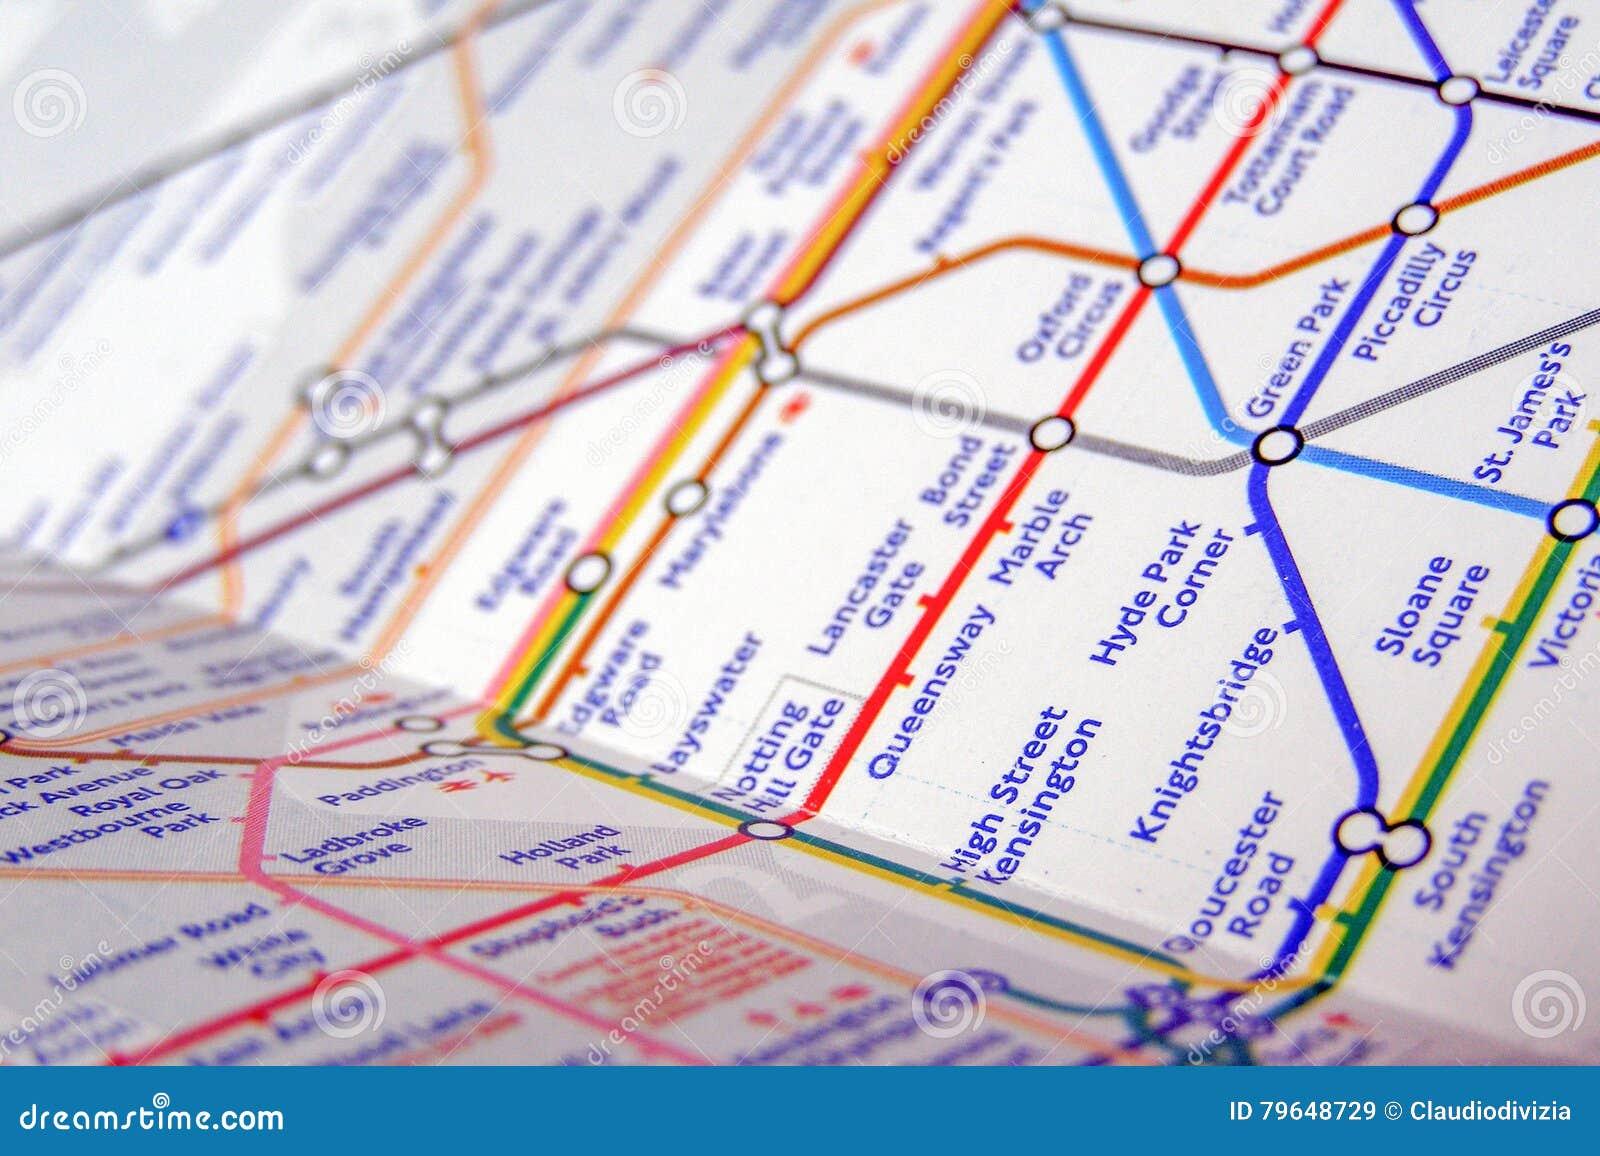 Map Of England Underground.Tube Map Of London Underground Editorial Stock Image Image Of Tube